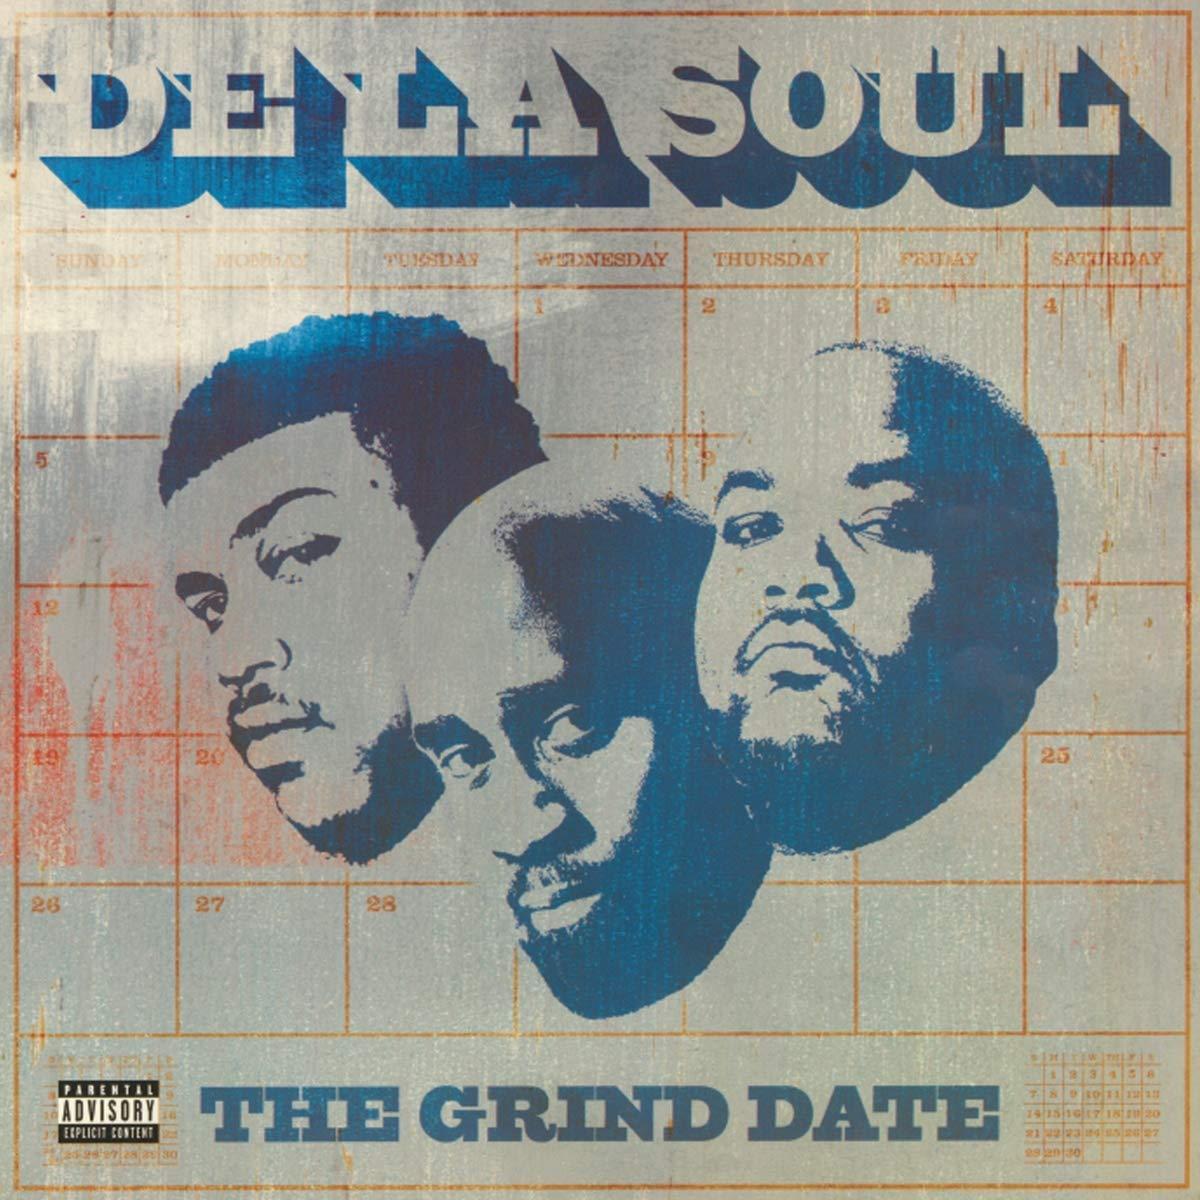 De La Soul - The Grind Date [2xLP]